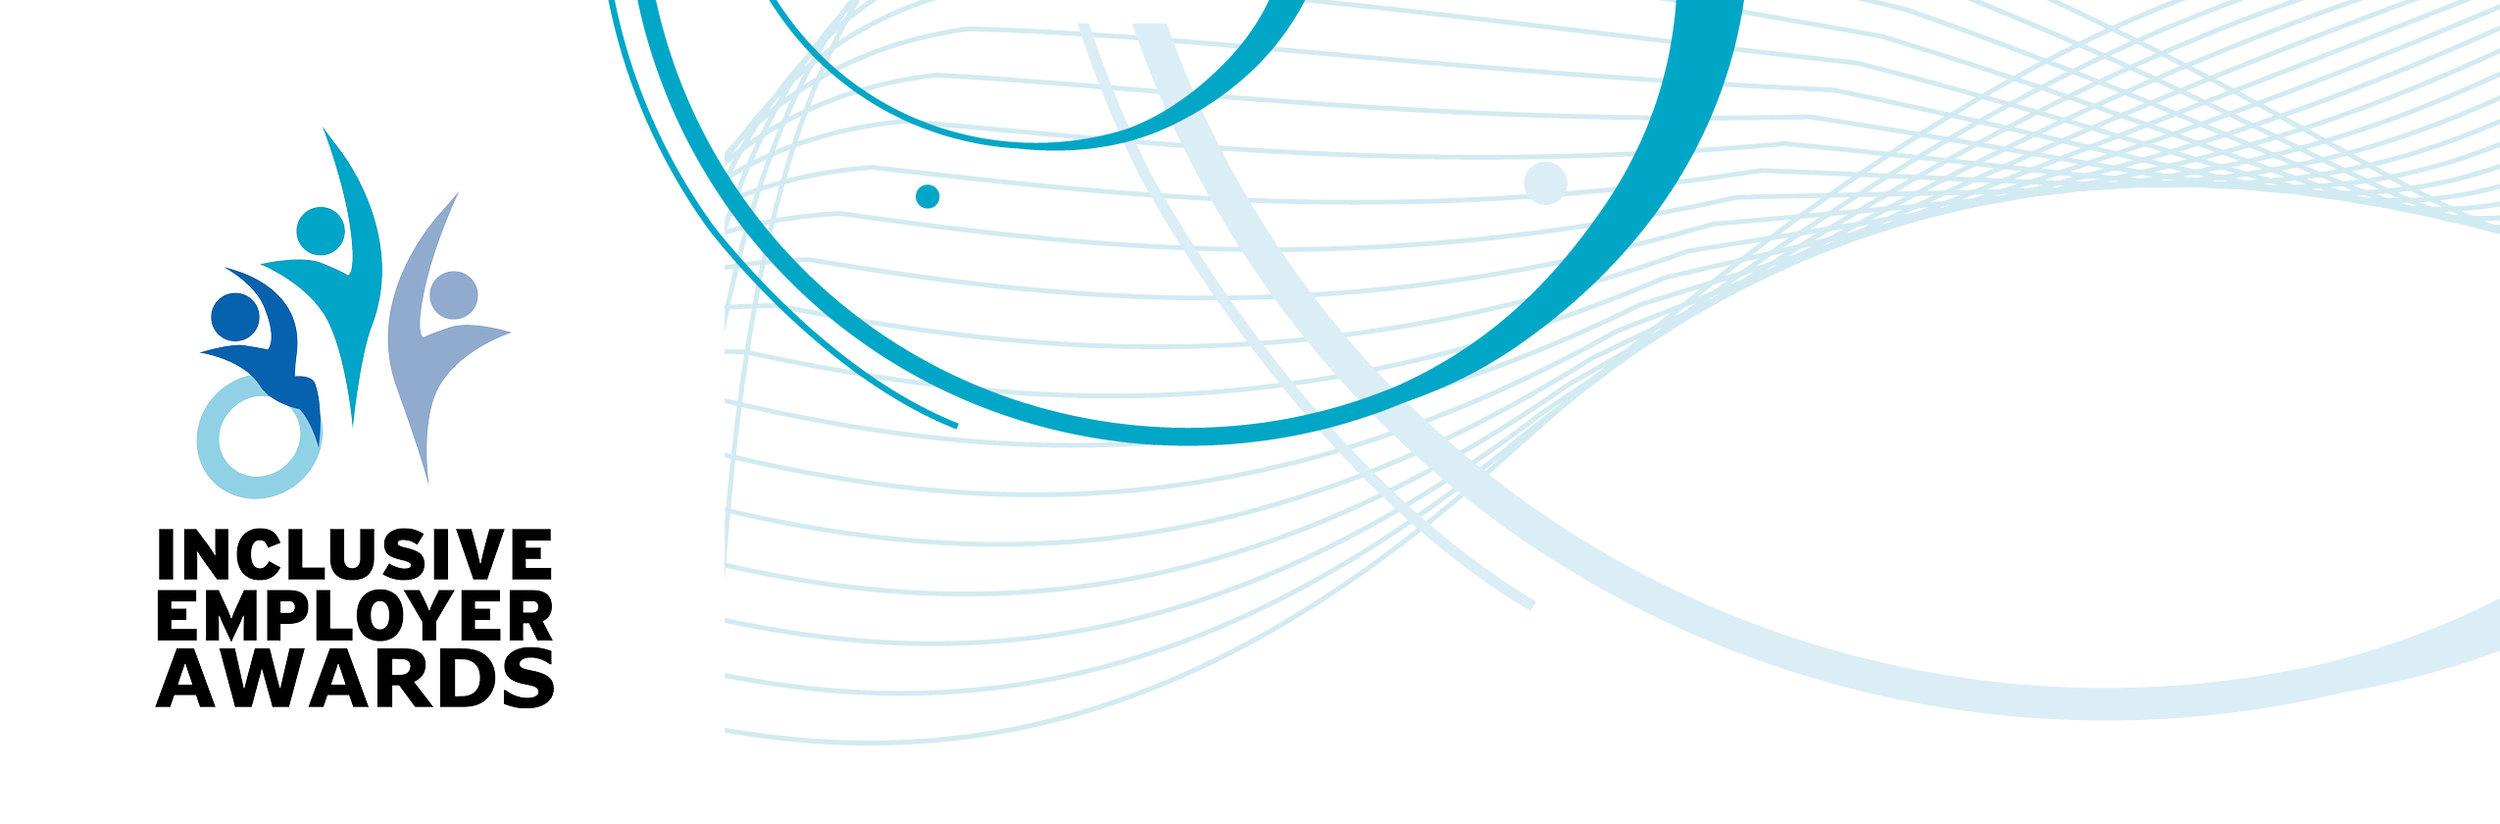 086855 Inclusive Employer Awards Template HEADER FINAL.jpg